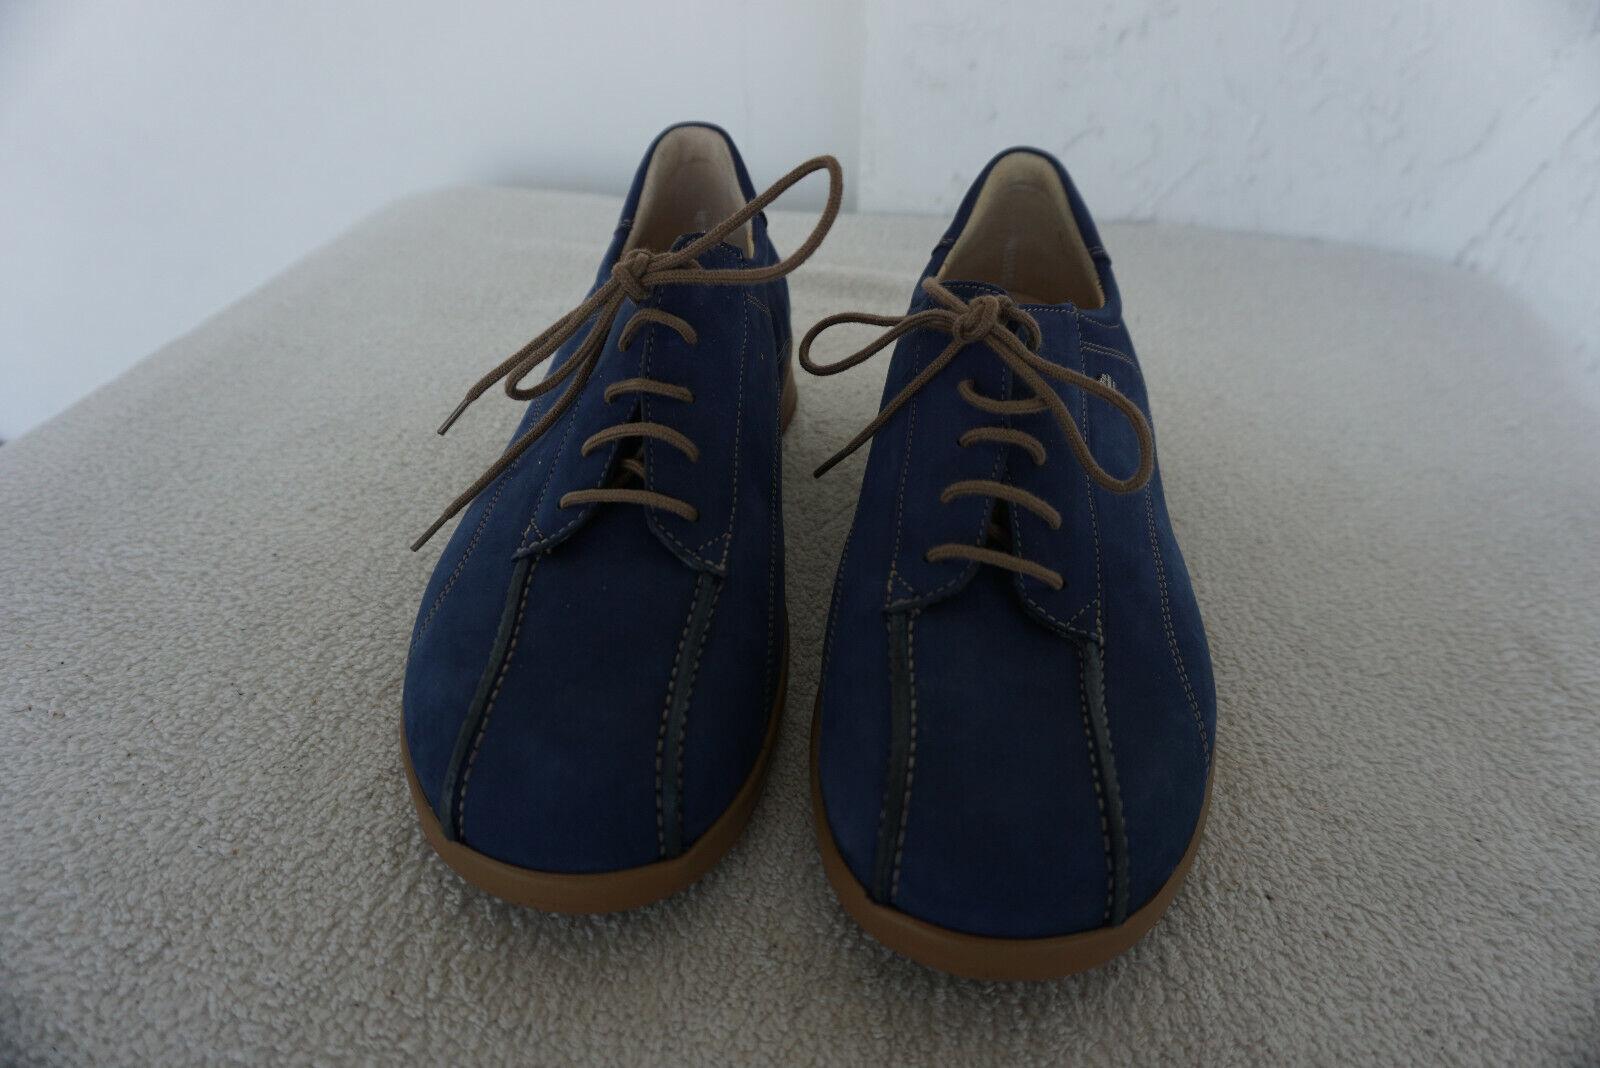 Finn Comfort Chaussures femmes avec des dépôts schnürschue taille 39 marine nubuk cuir NEUF